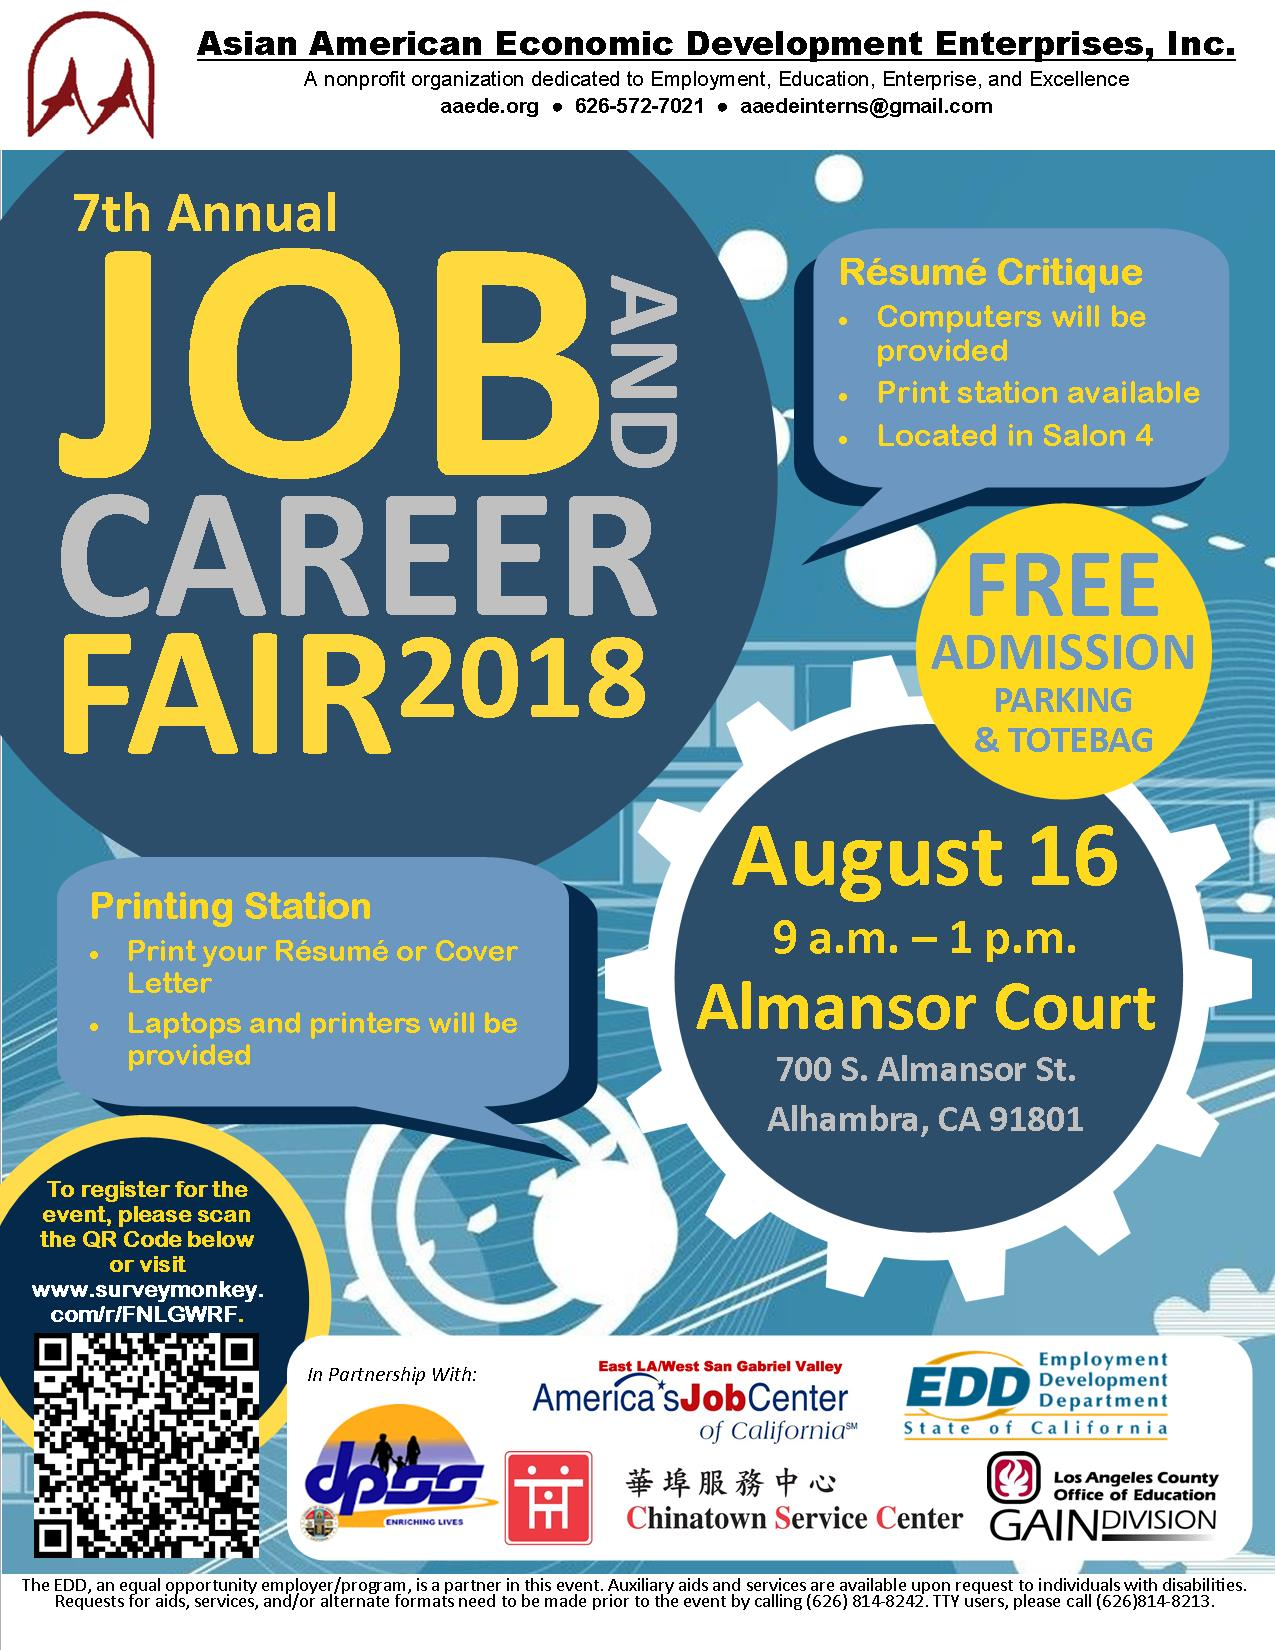 7th annual aaede job career fair alhambra ca